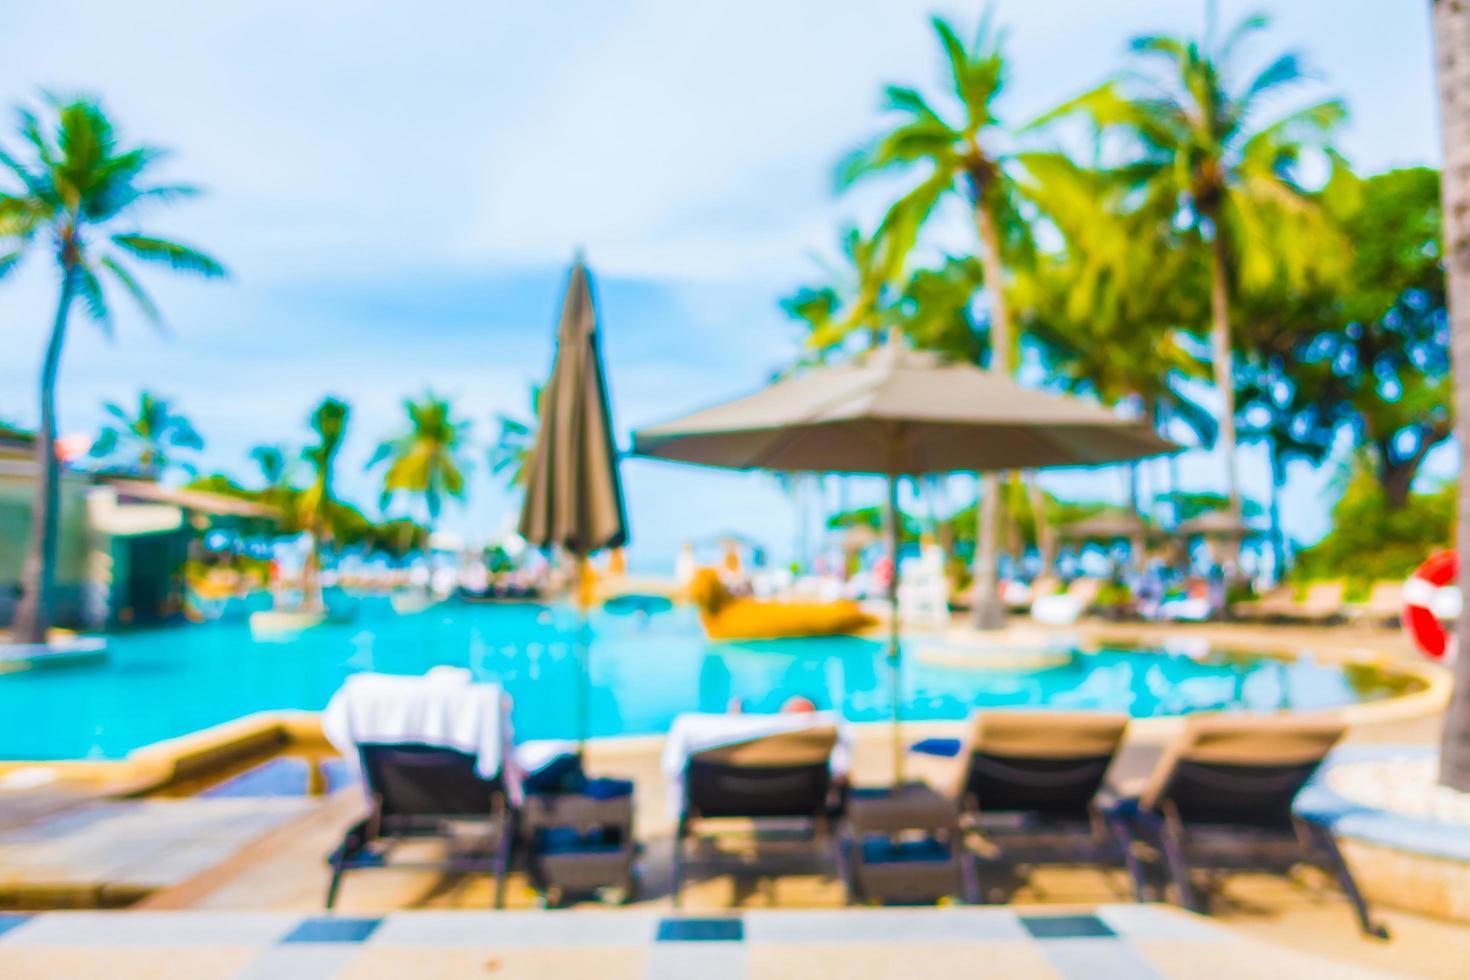 Borroso abstracto palmera de coco alrededor de la piscina foto